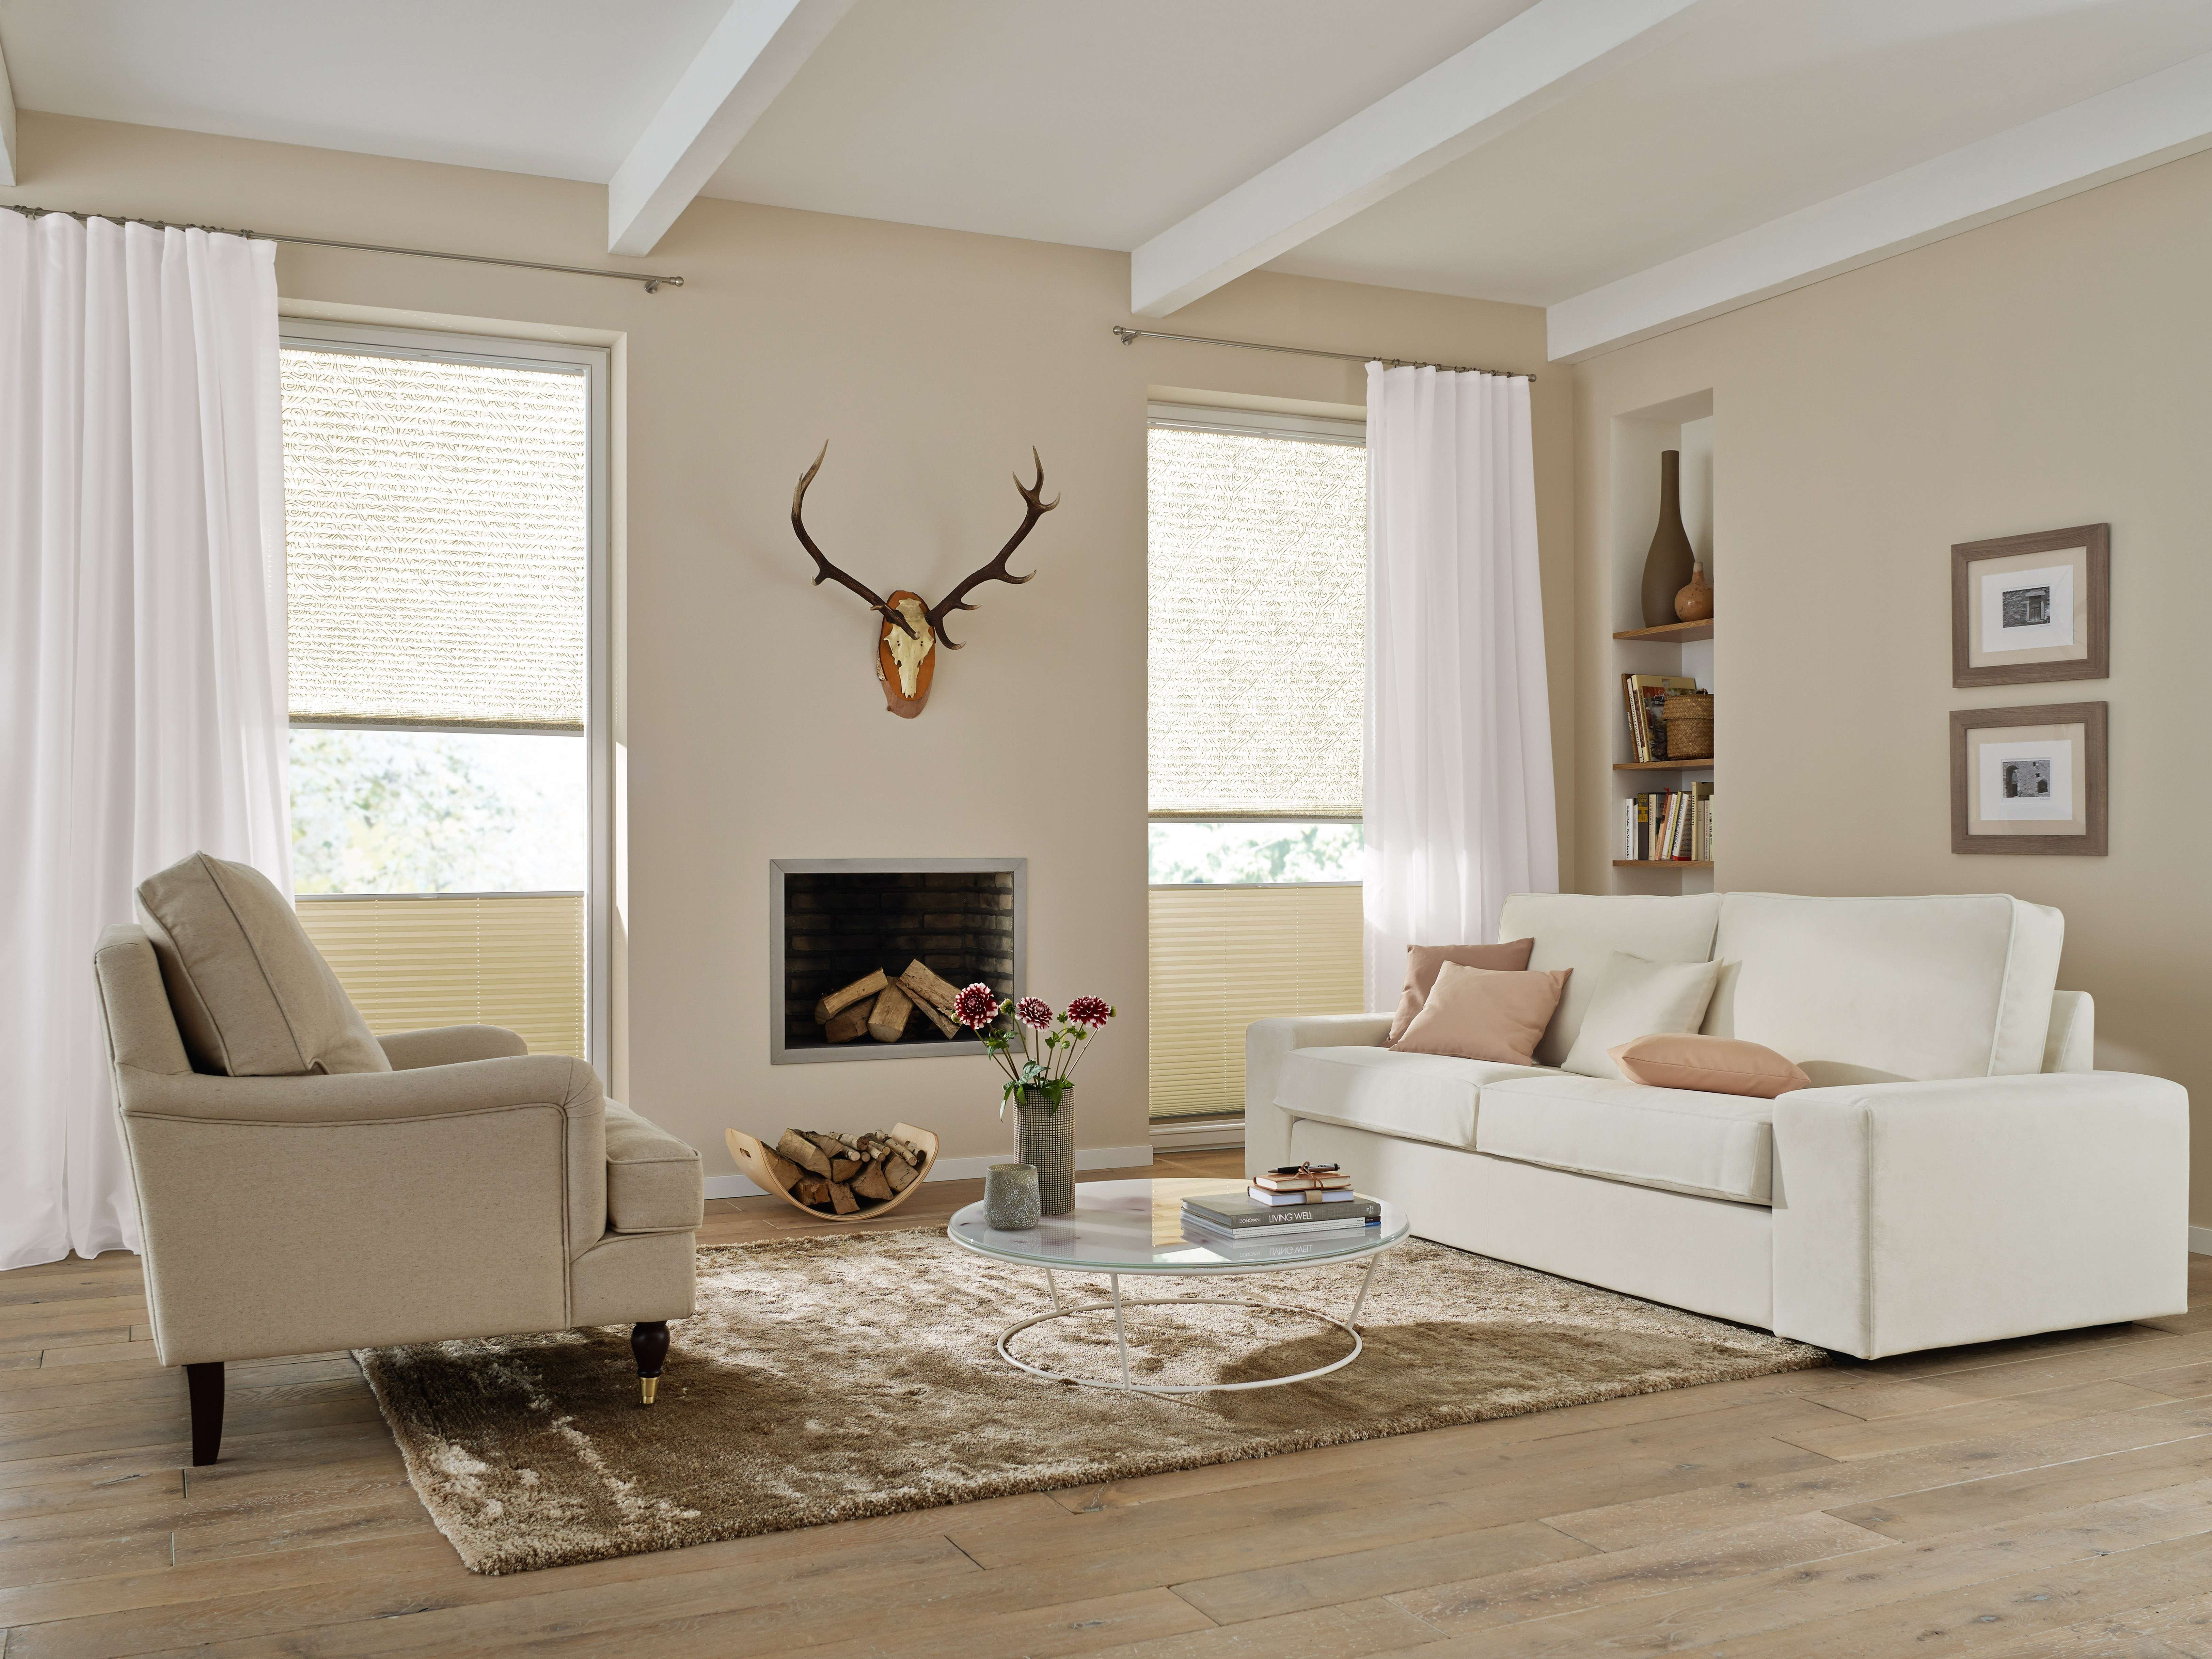 Wunderbar 30 Wohnzimmer Dekoration Selber Machen